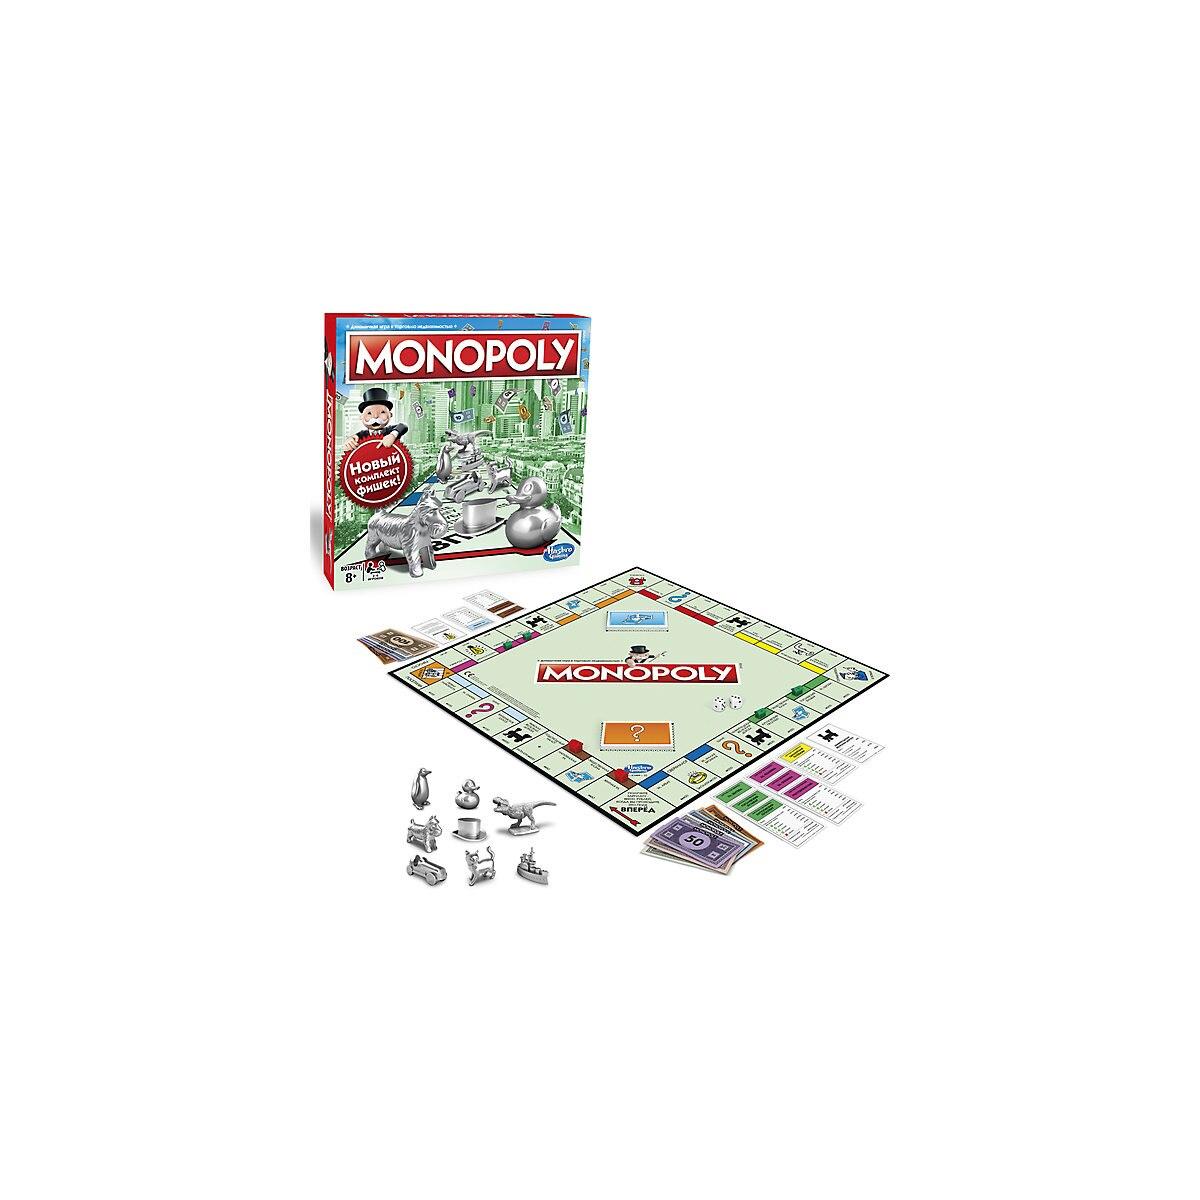 Jeux de fête HASBRO 7197988 jeu de société motricité Fine Dobble Rummikub jouets éducatifs - 3